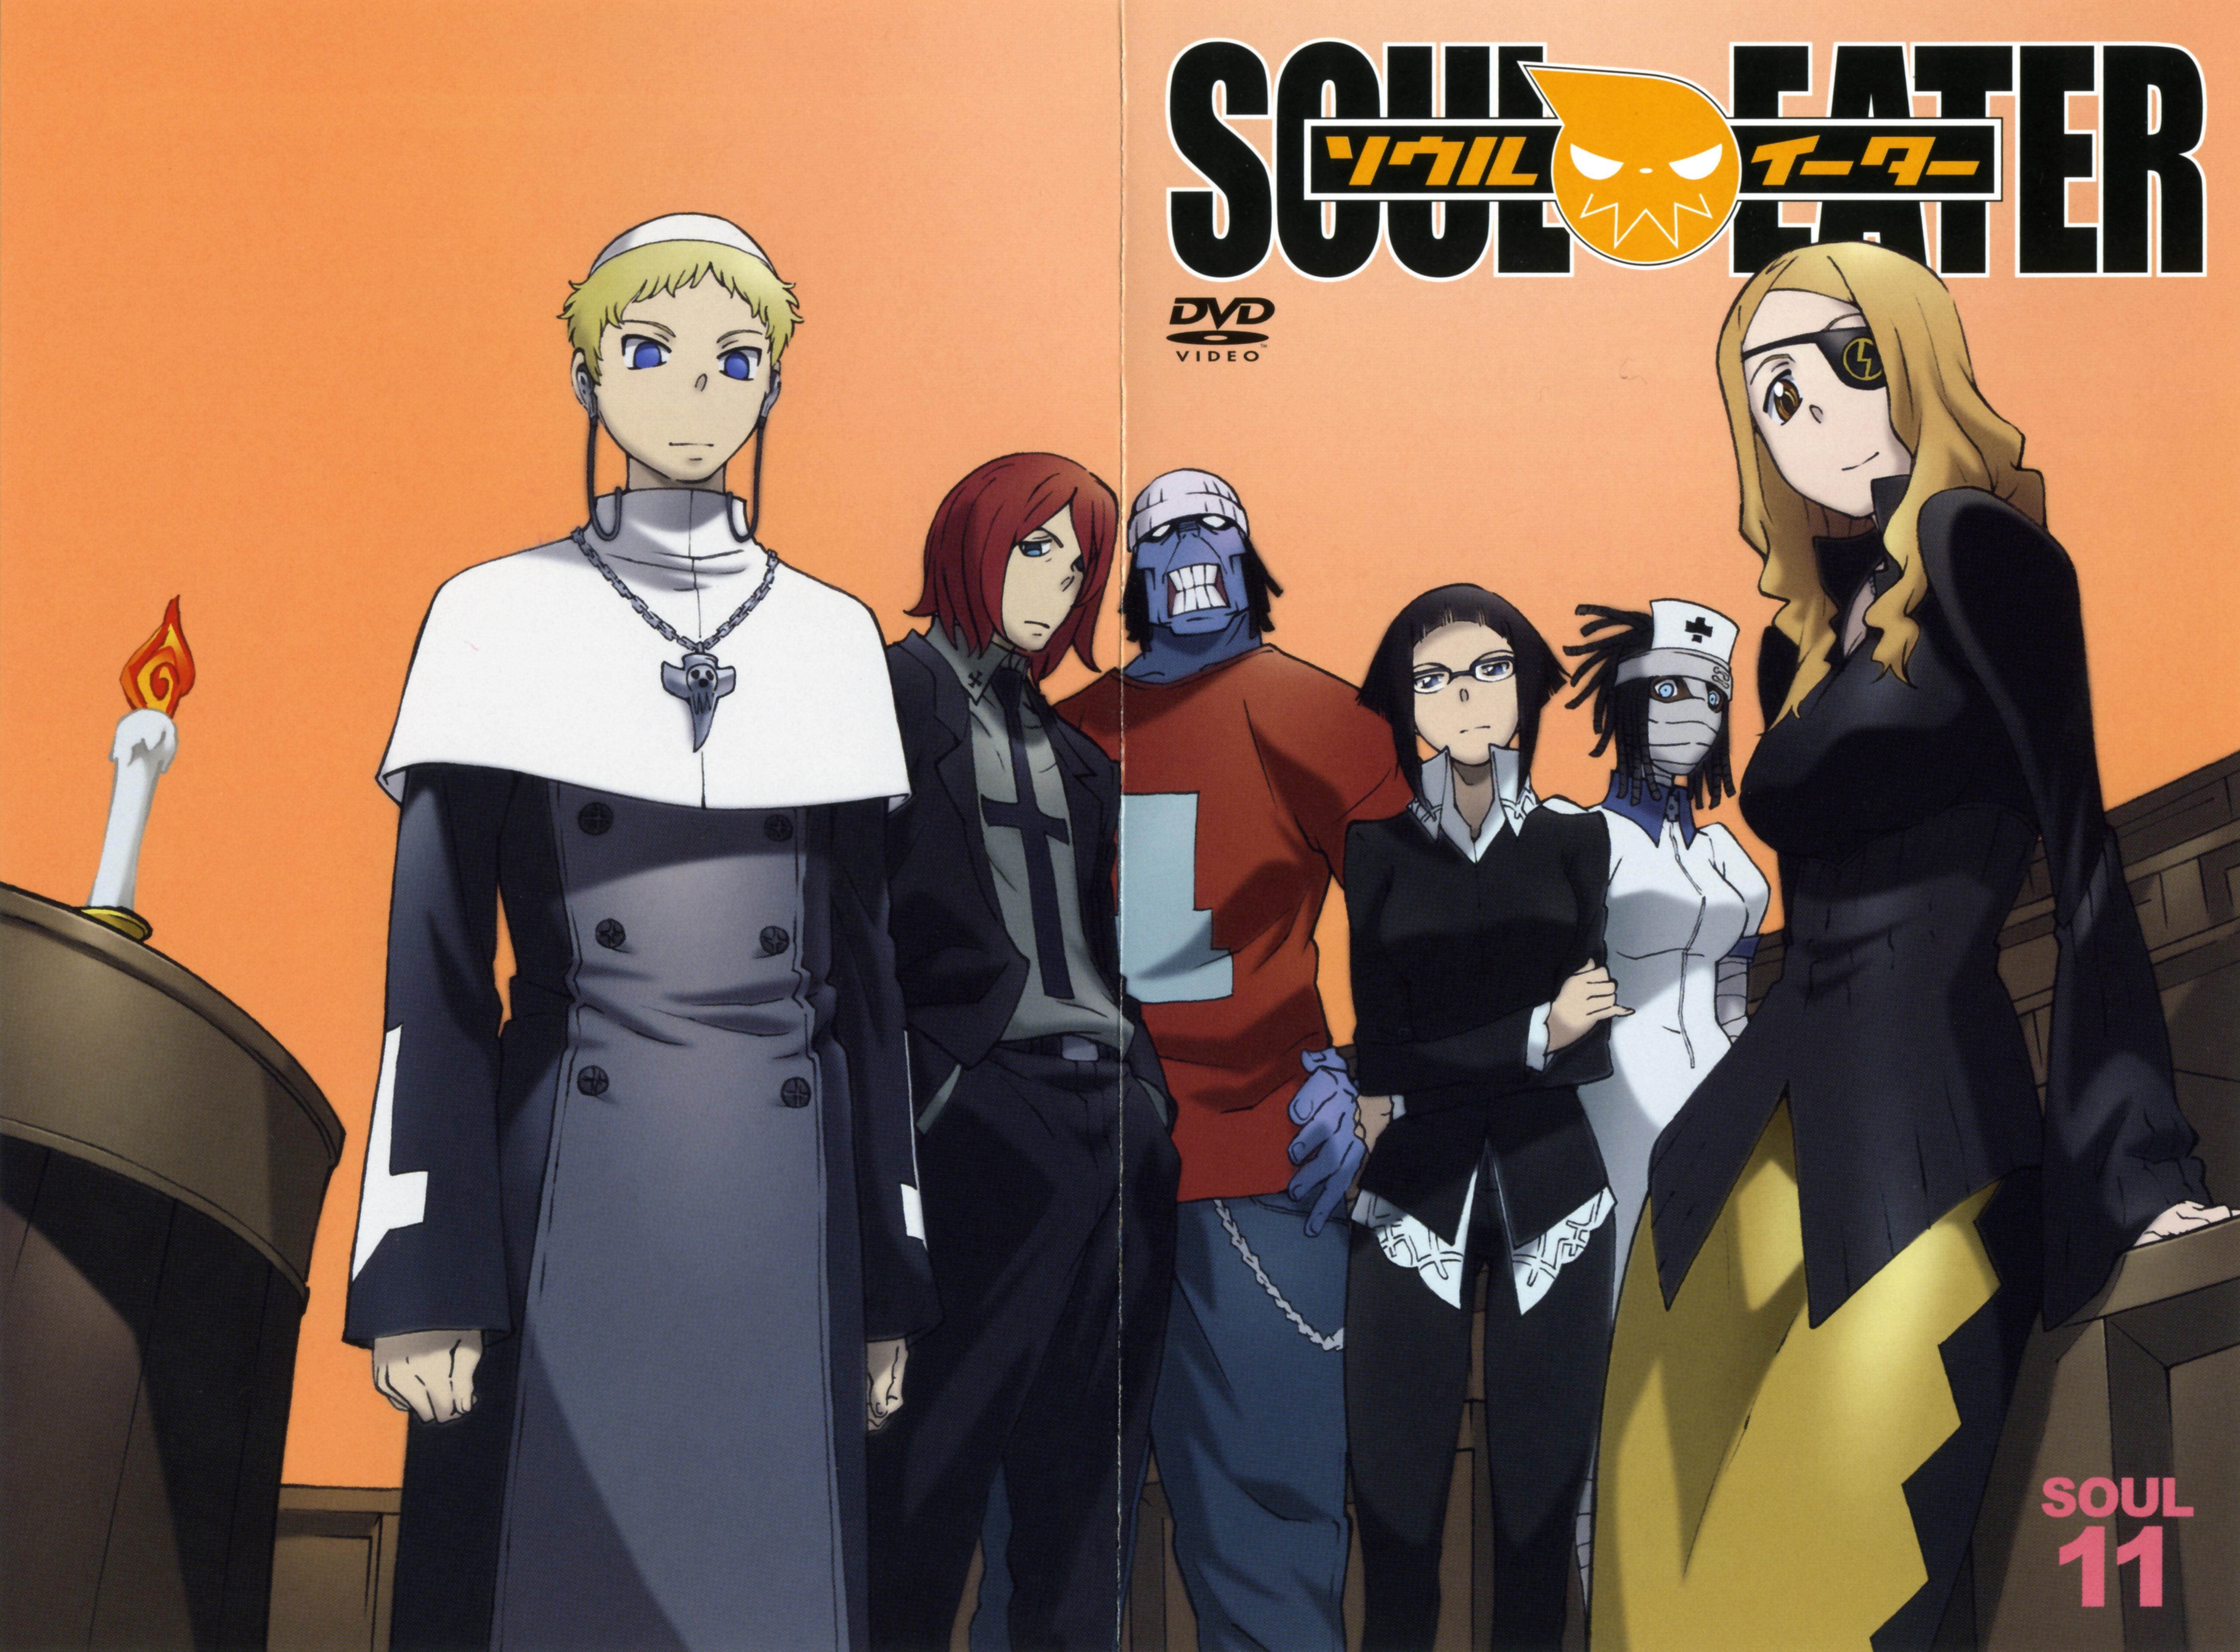 Franken Stein, SOUL EATER | page 8 - Zerochan Anime Image Board